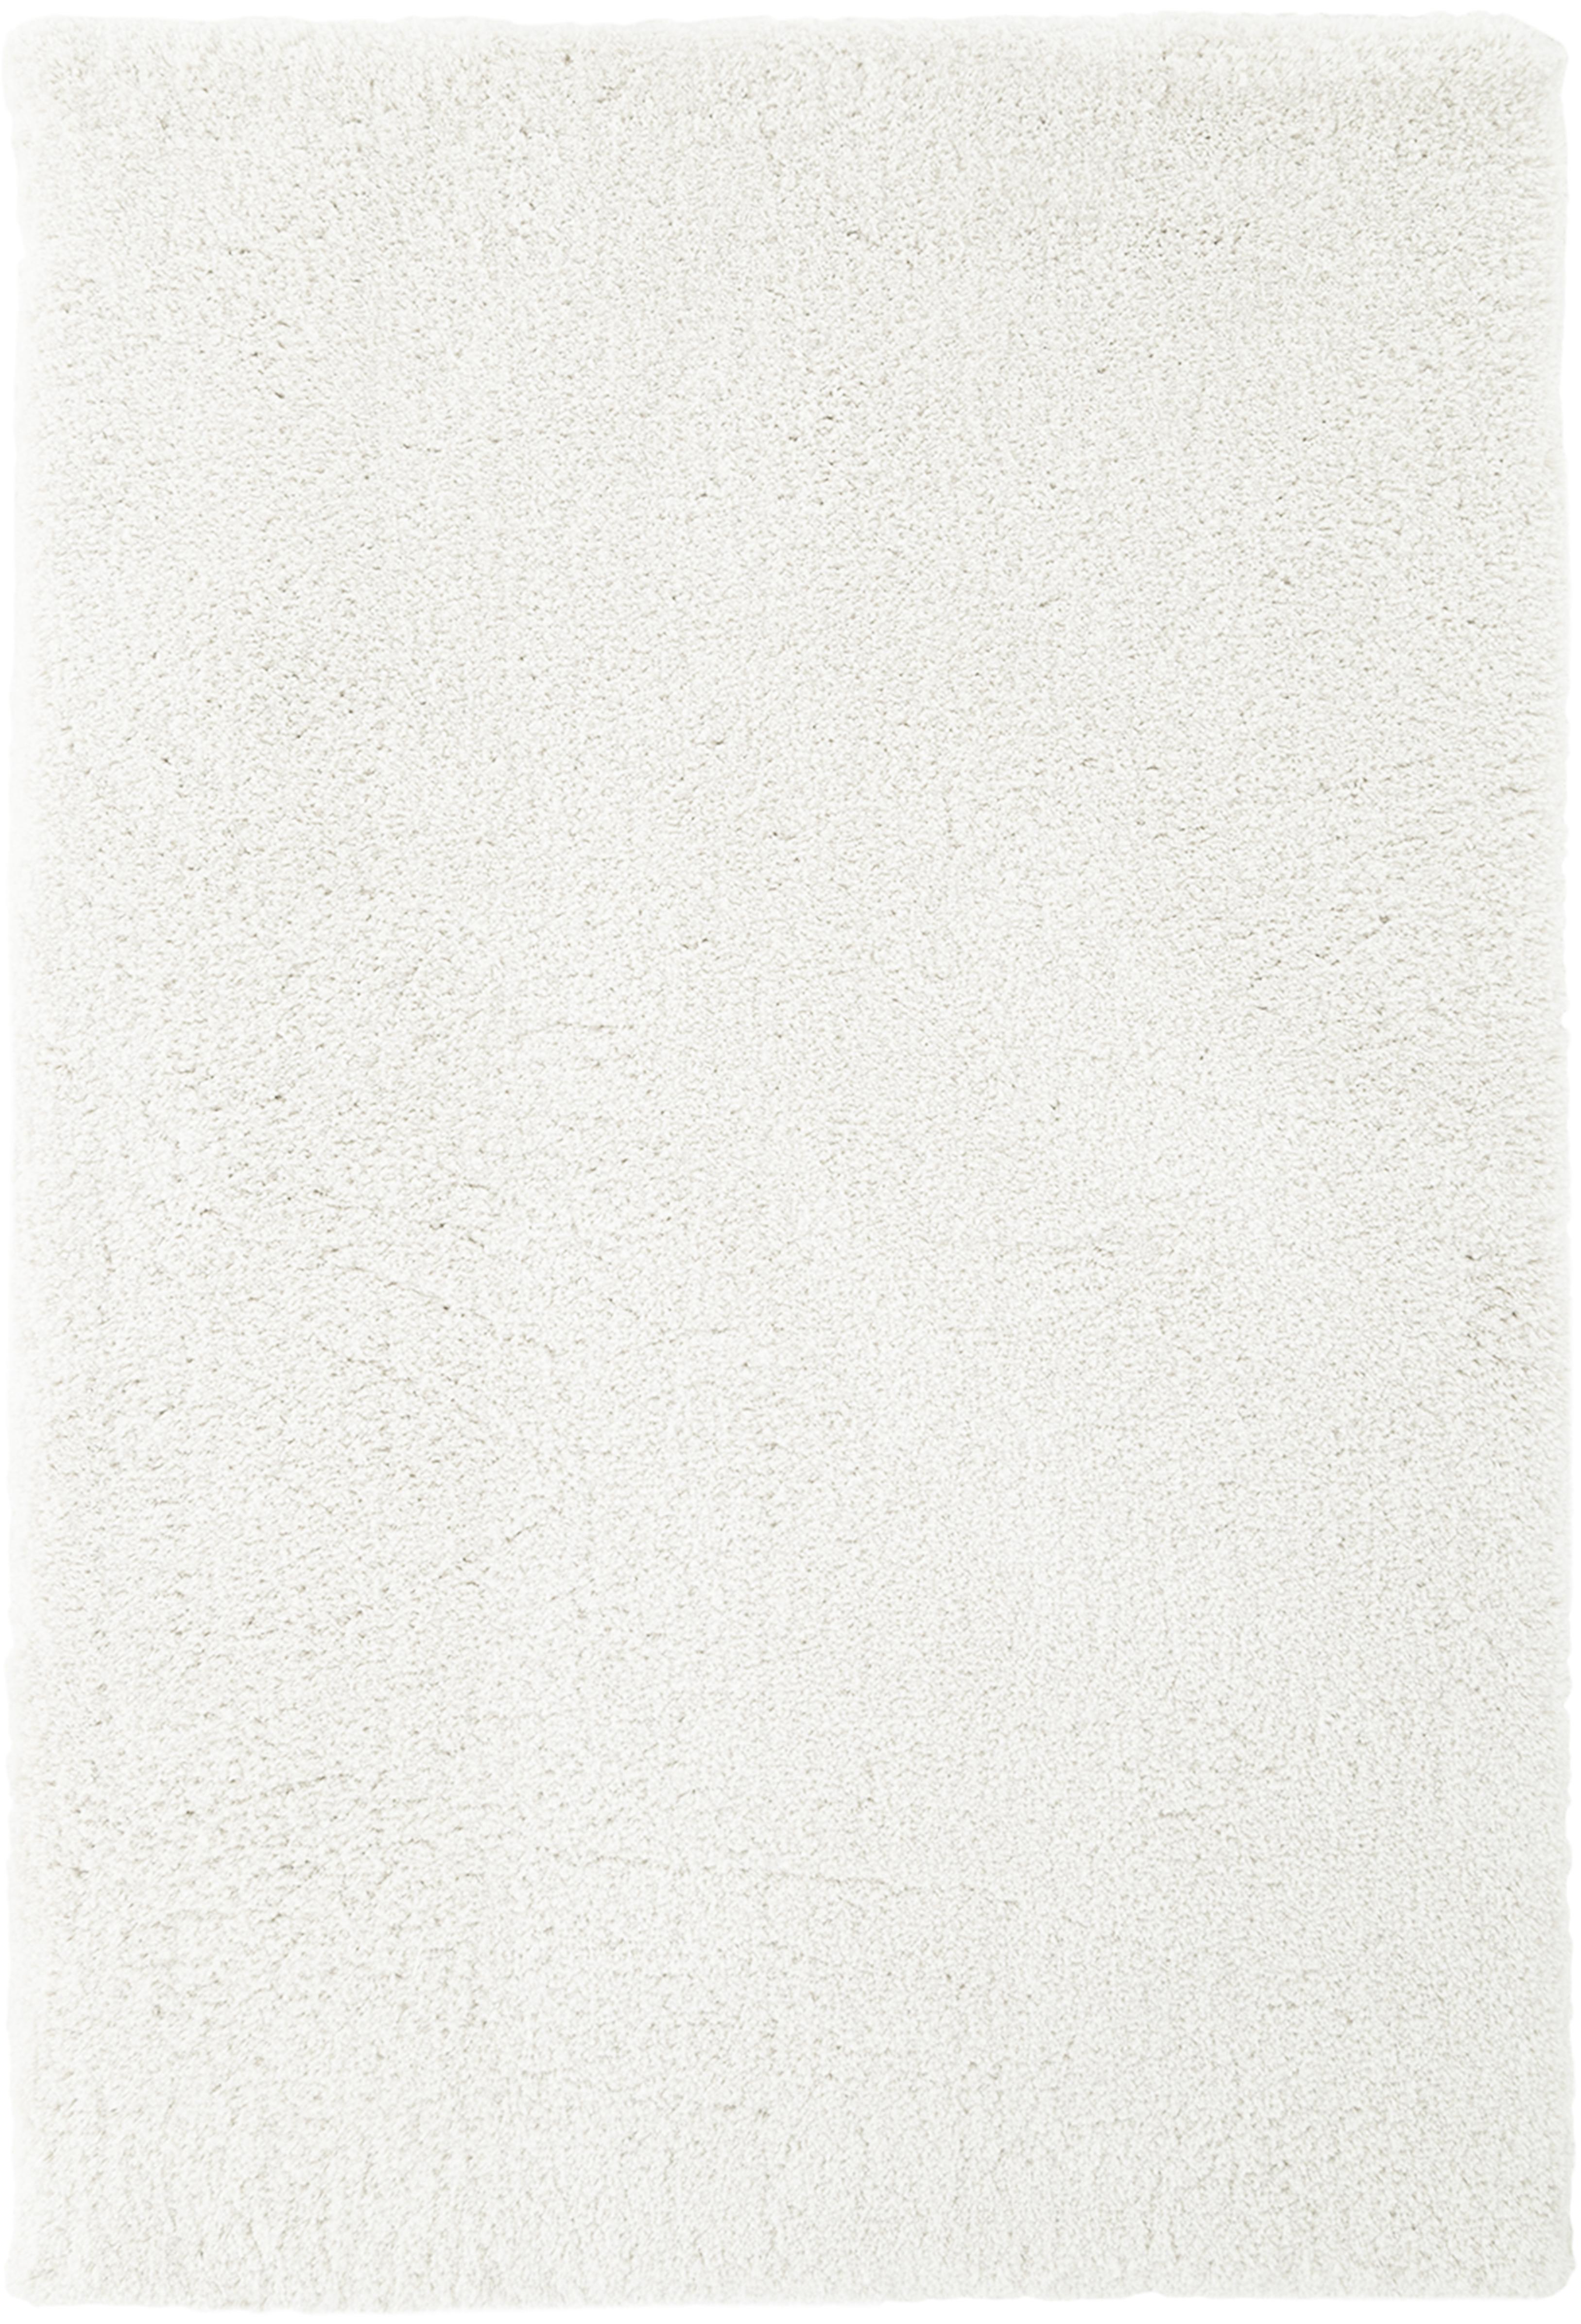 Tappeto peloso morbido color crema Leighton, Retro: 70% poliestere, 30% coton, Crema, Larg. 200 x Lung. 300 cm (taglia L)